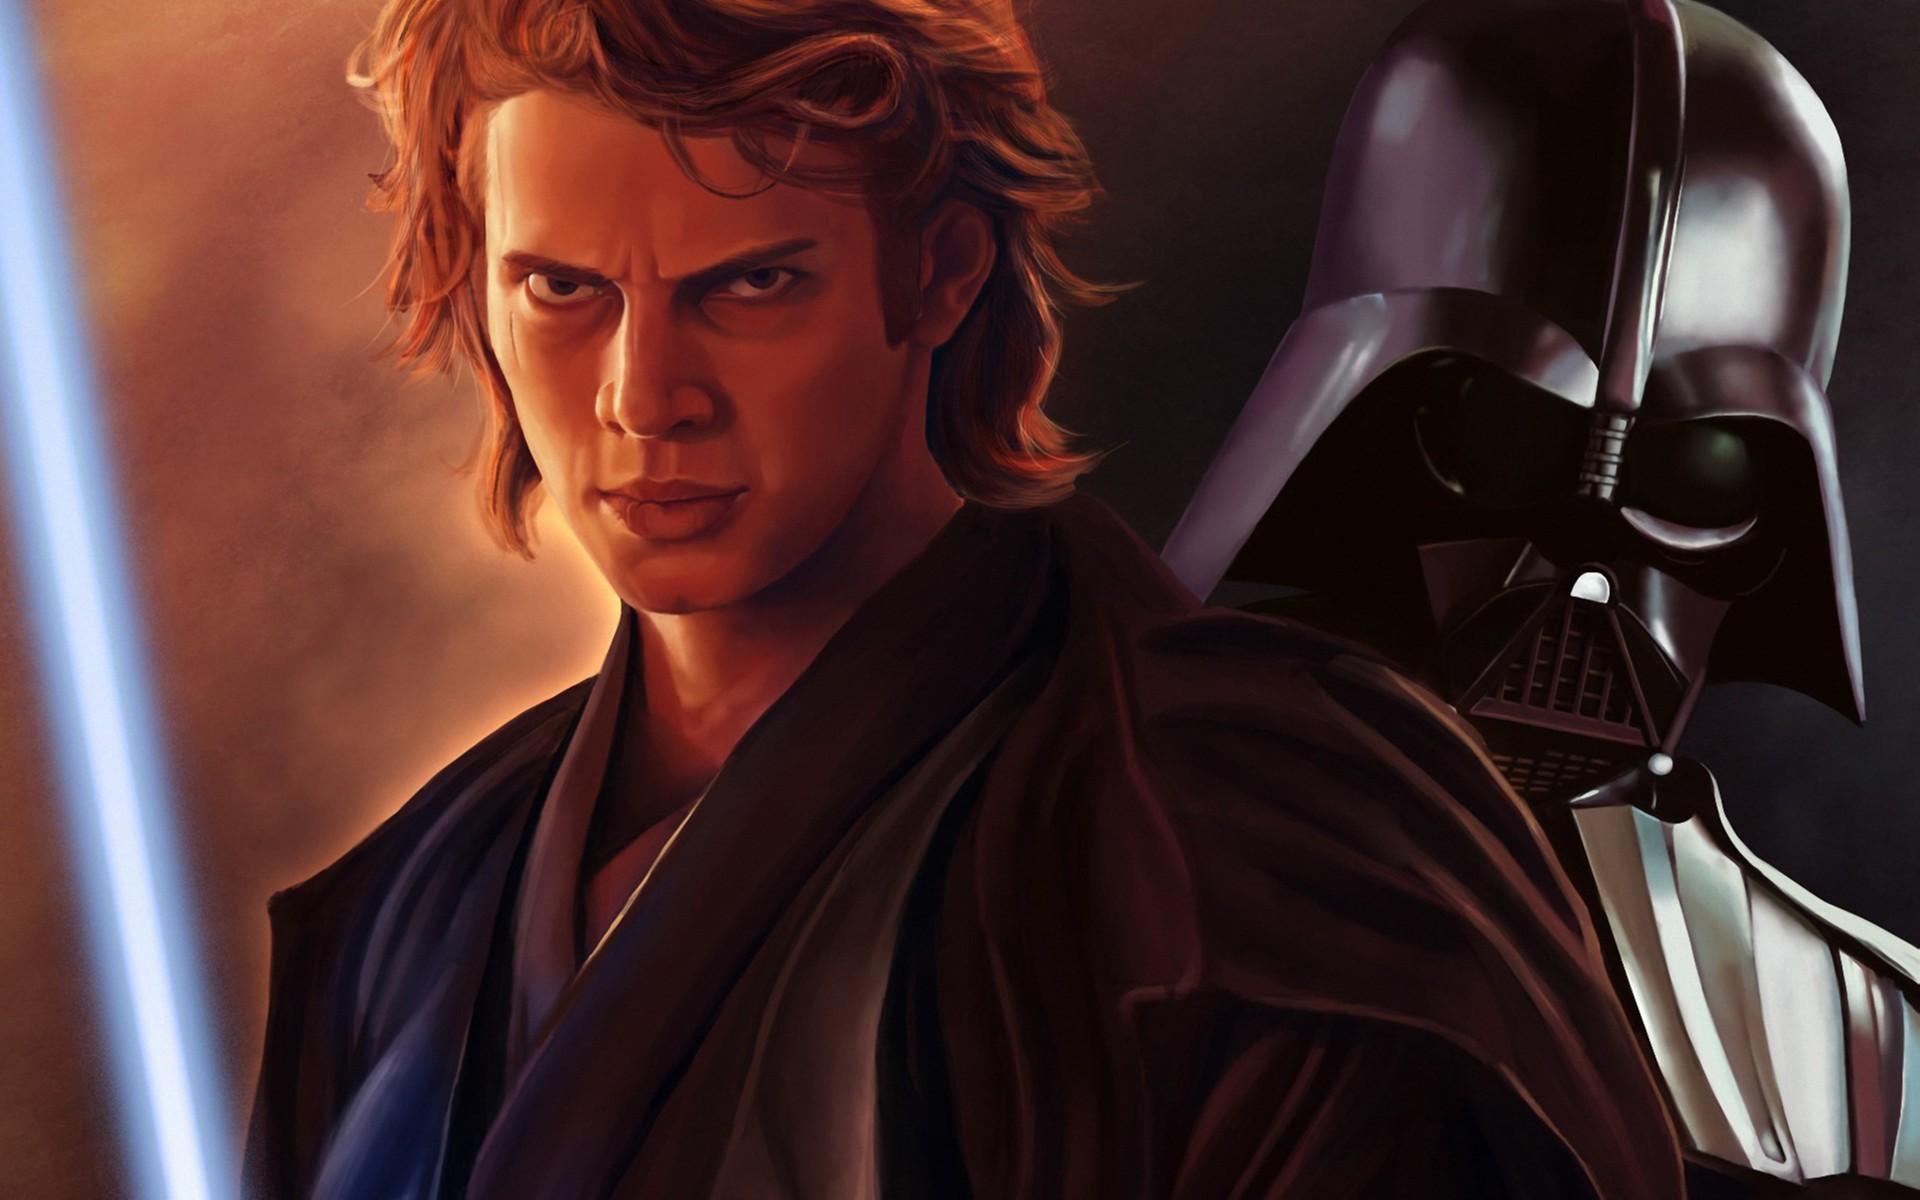 Star Wars Anakin Skywalker Tears Artwork Painting Source Wallpaper